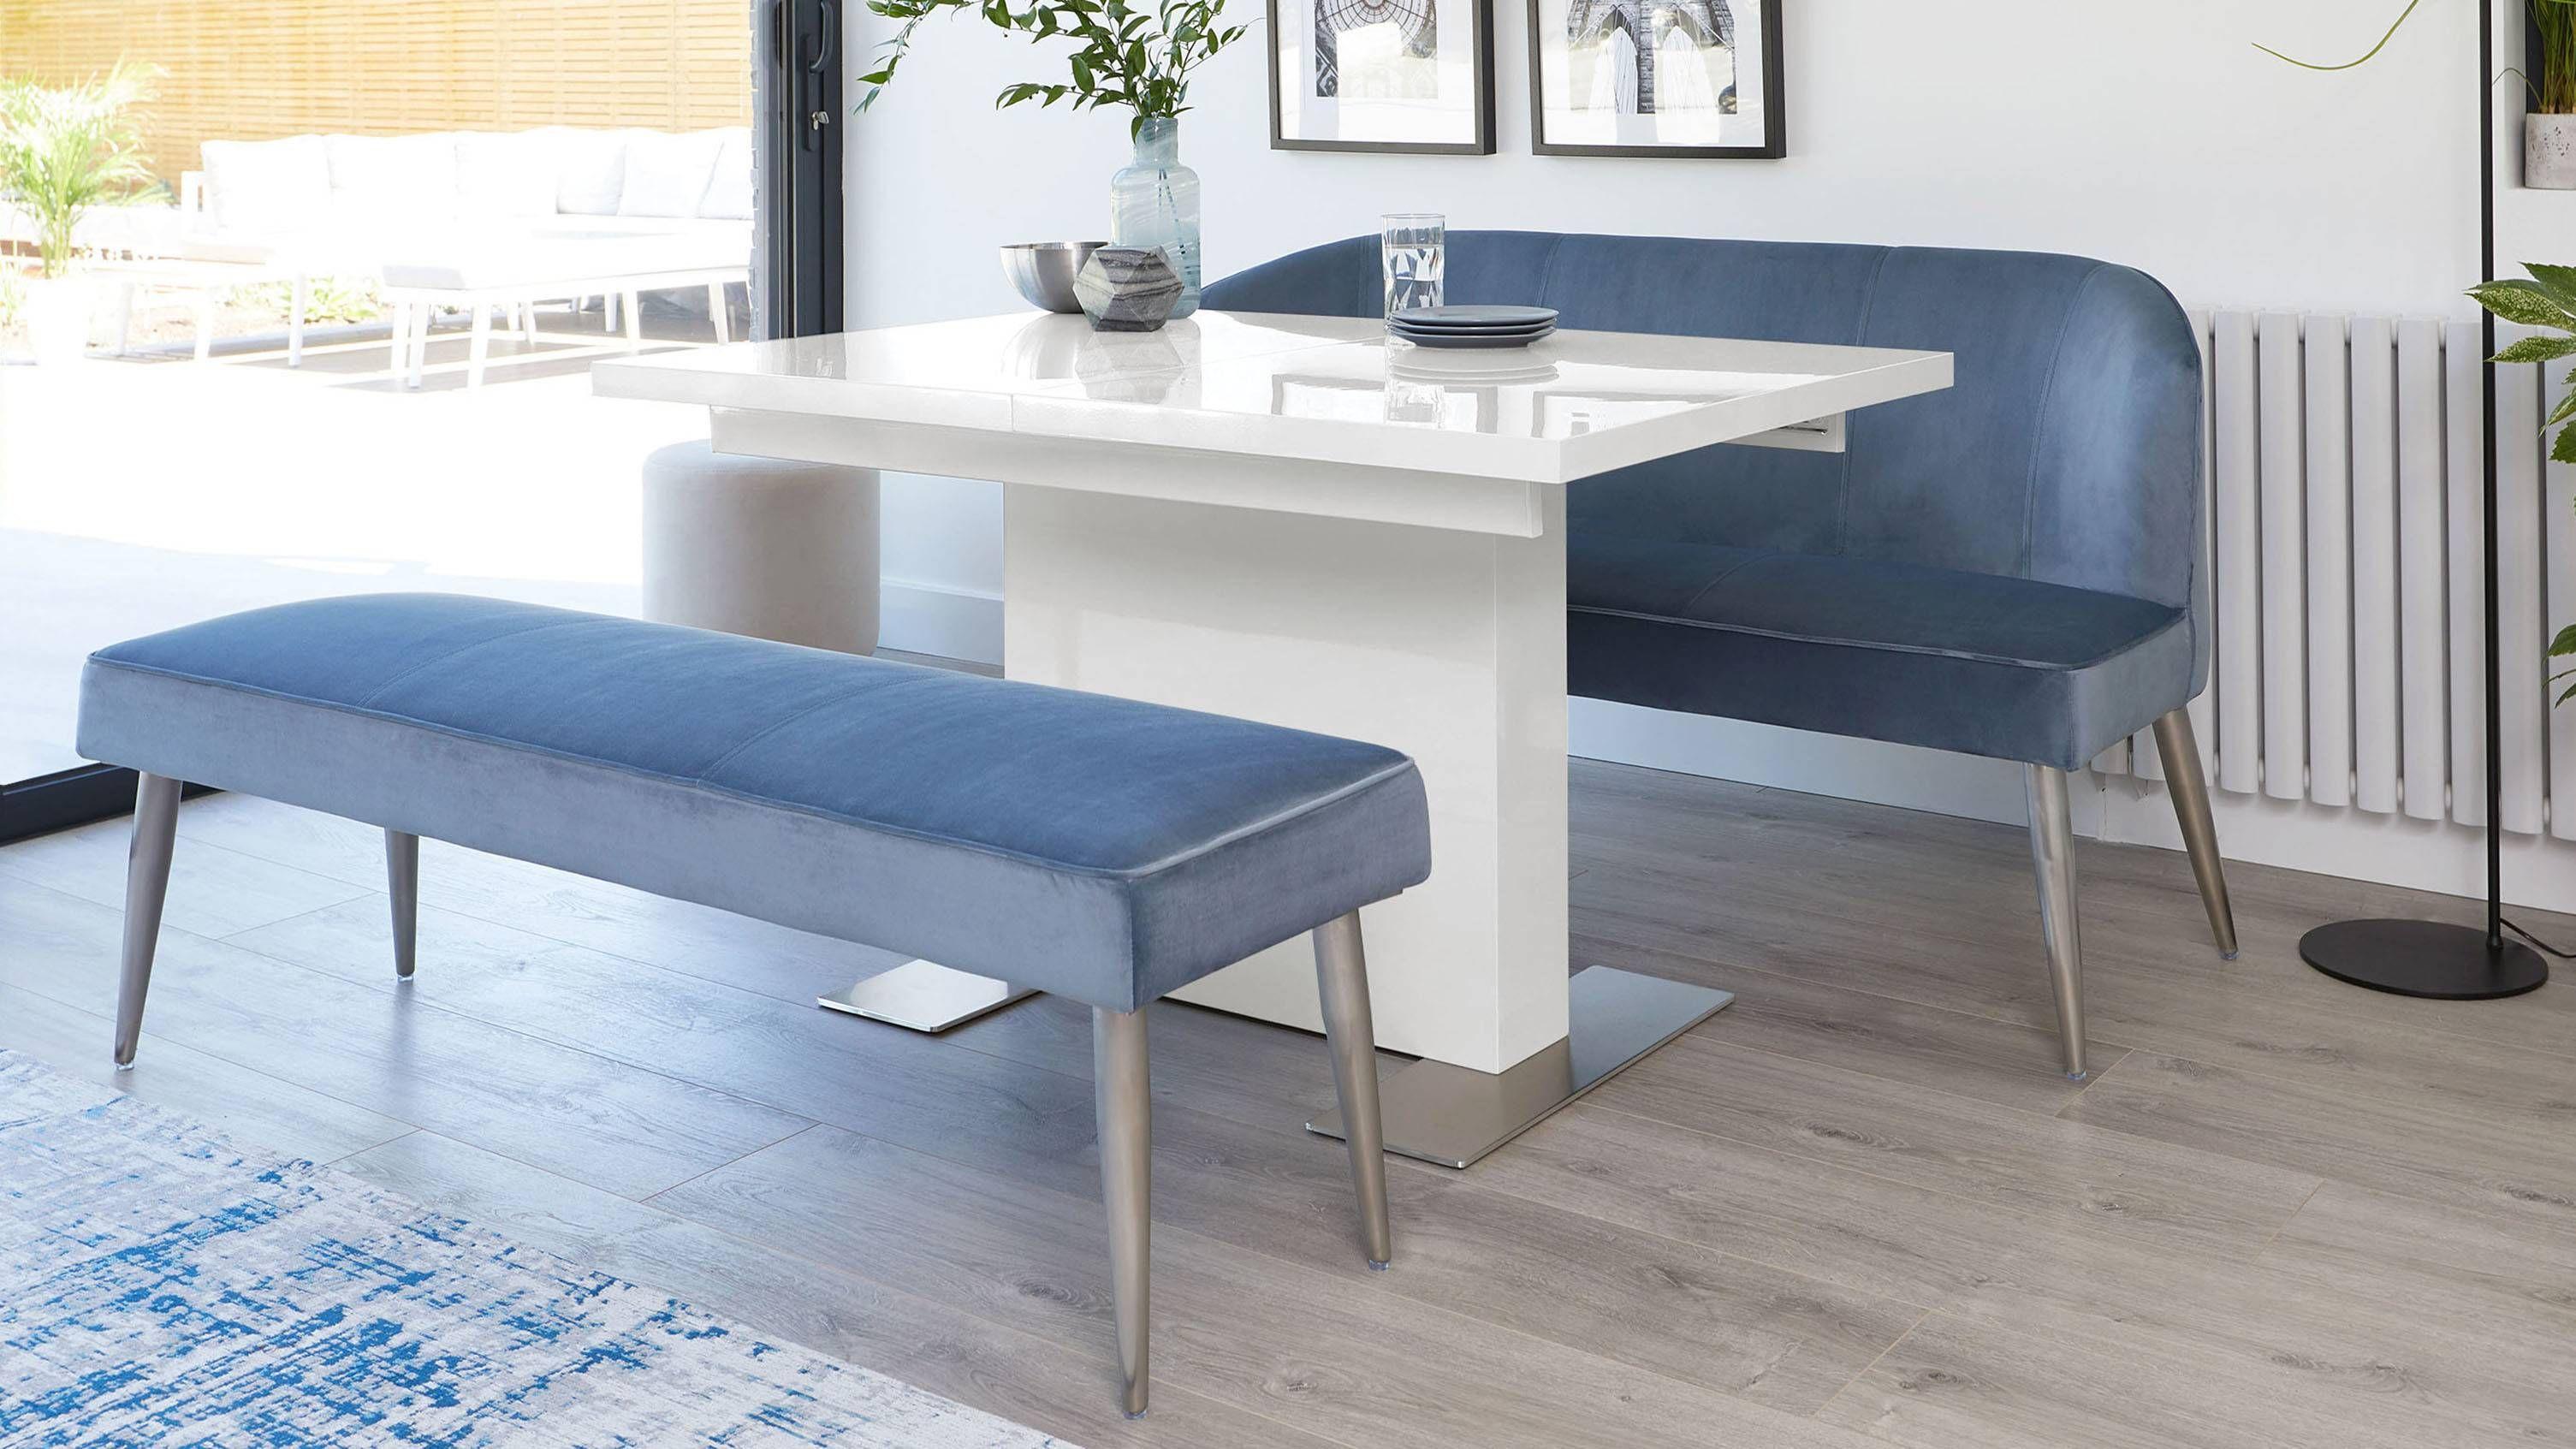 Fabulous Sanza Small Extending White Gloss Dining Table Extending Short Links Chair Design For Home Short Linksinfo